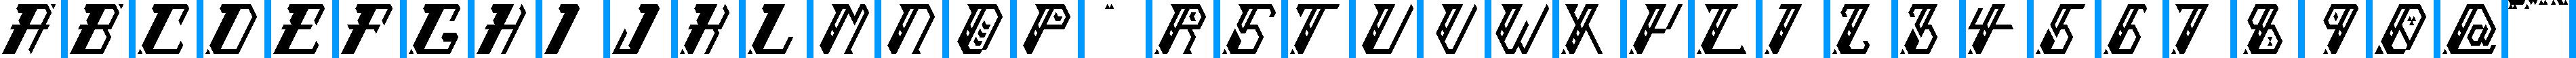 Particip-a-type v.286